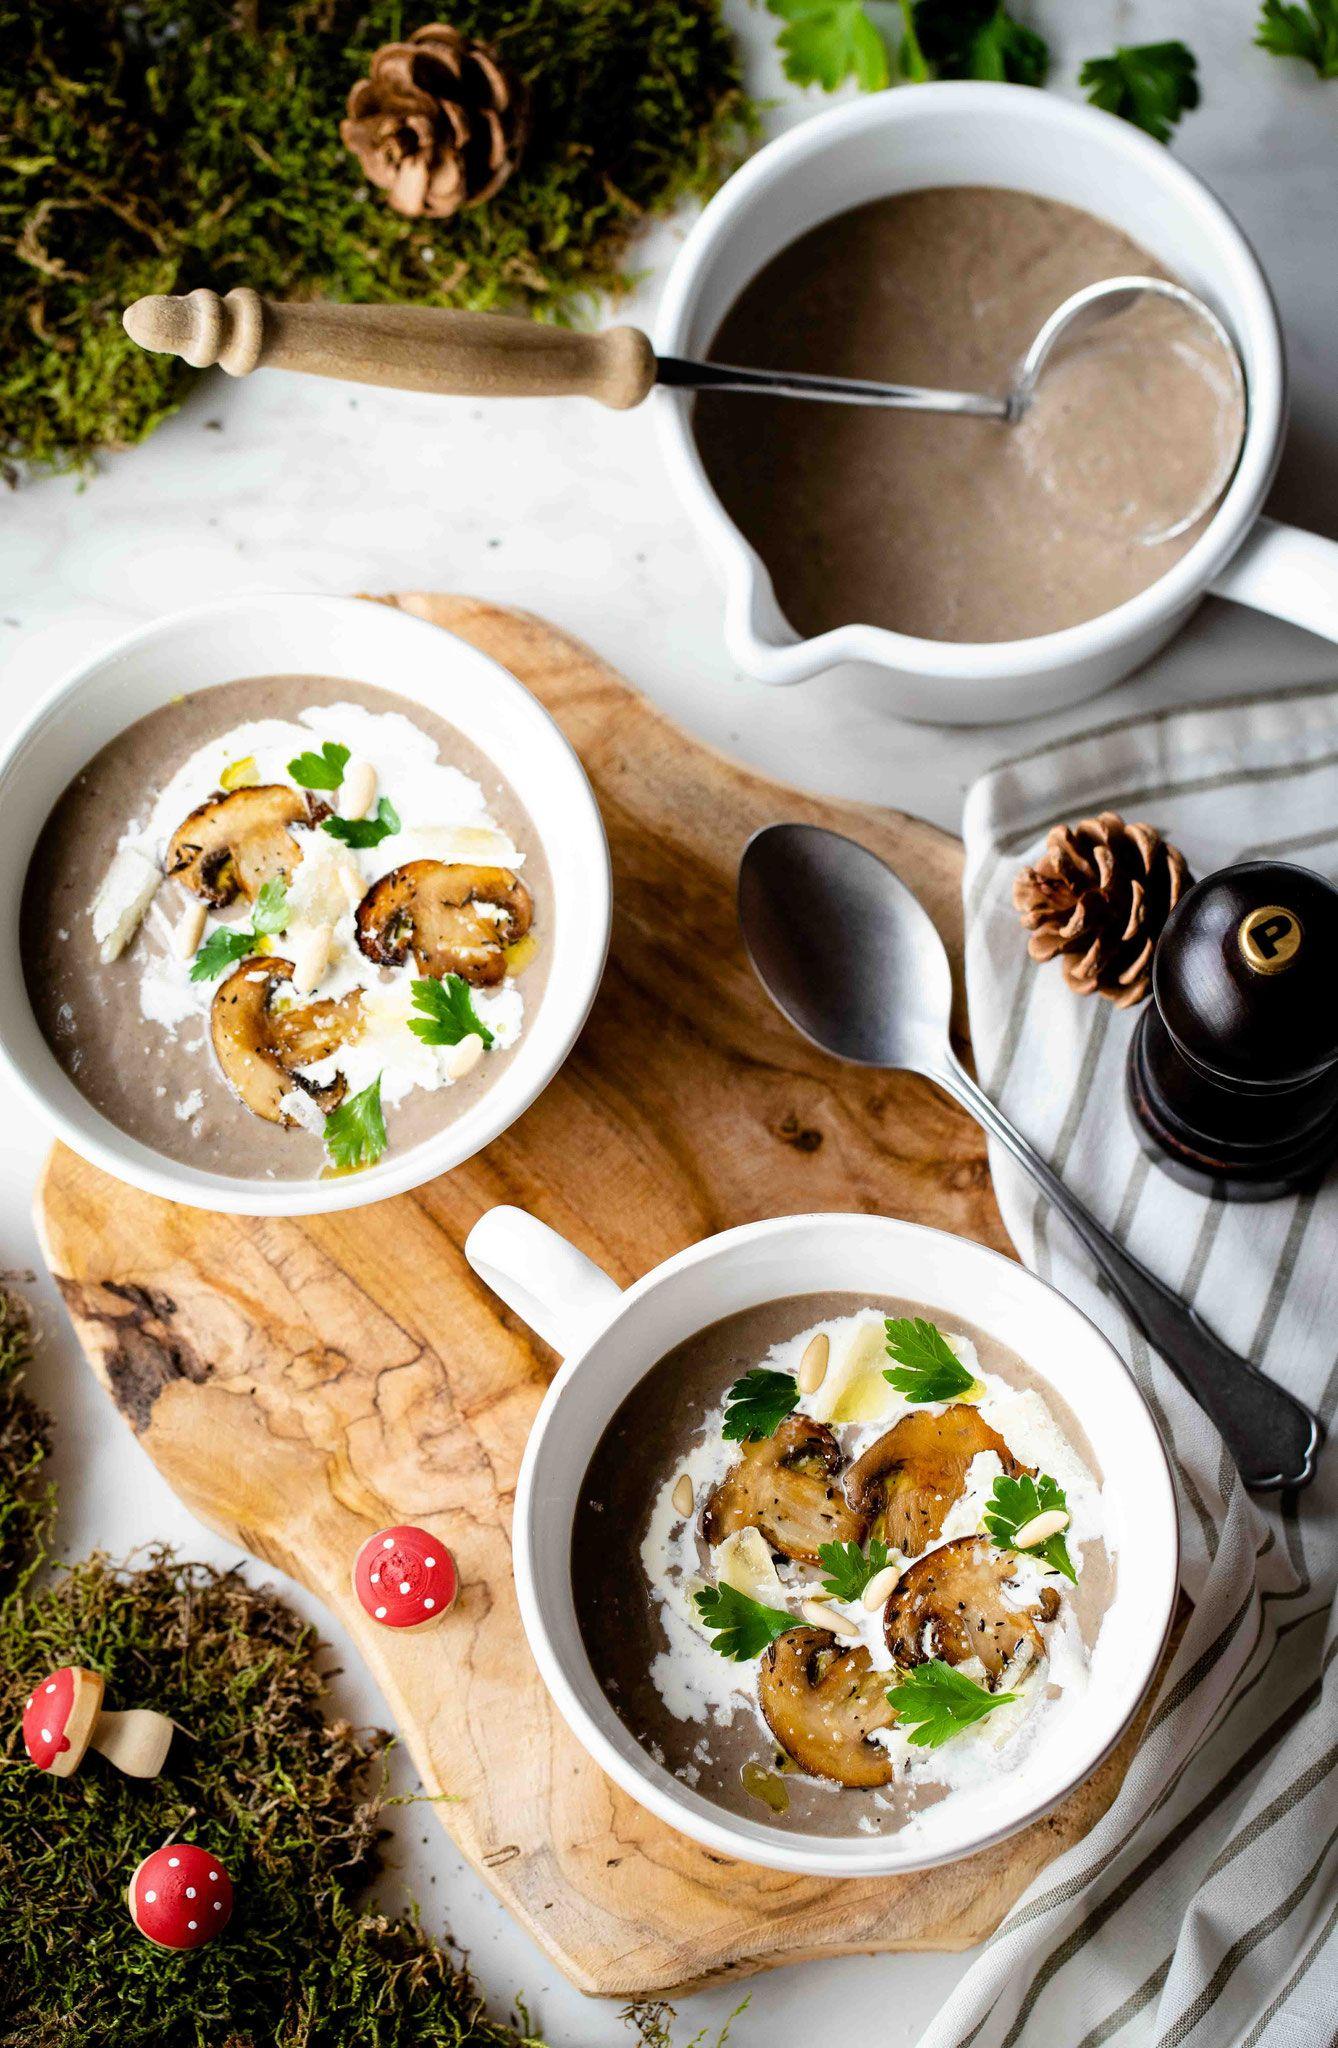 Velouté aux champignons | Velouté champignon, Recette veloute et Dîner d'automne